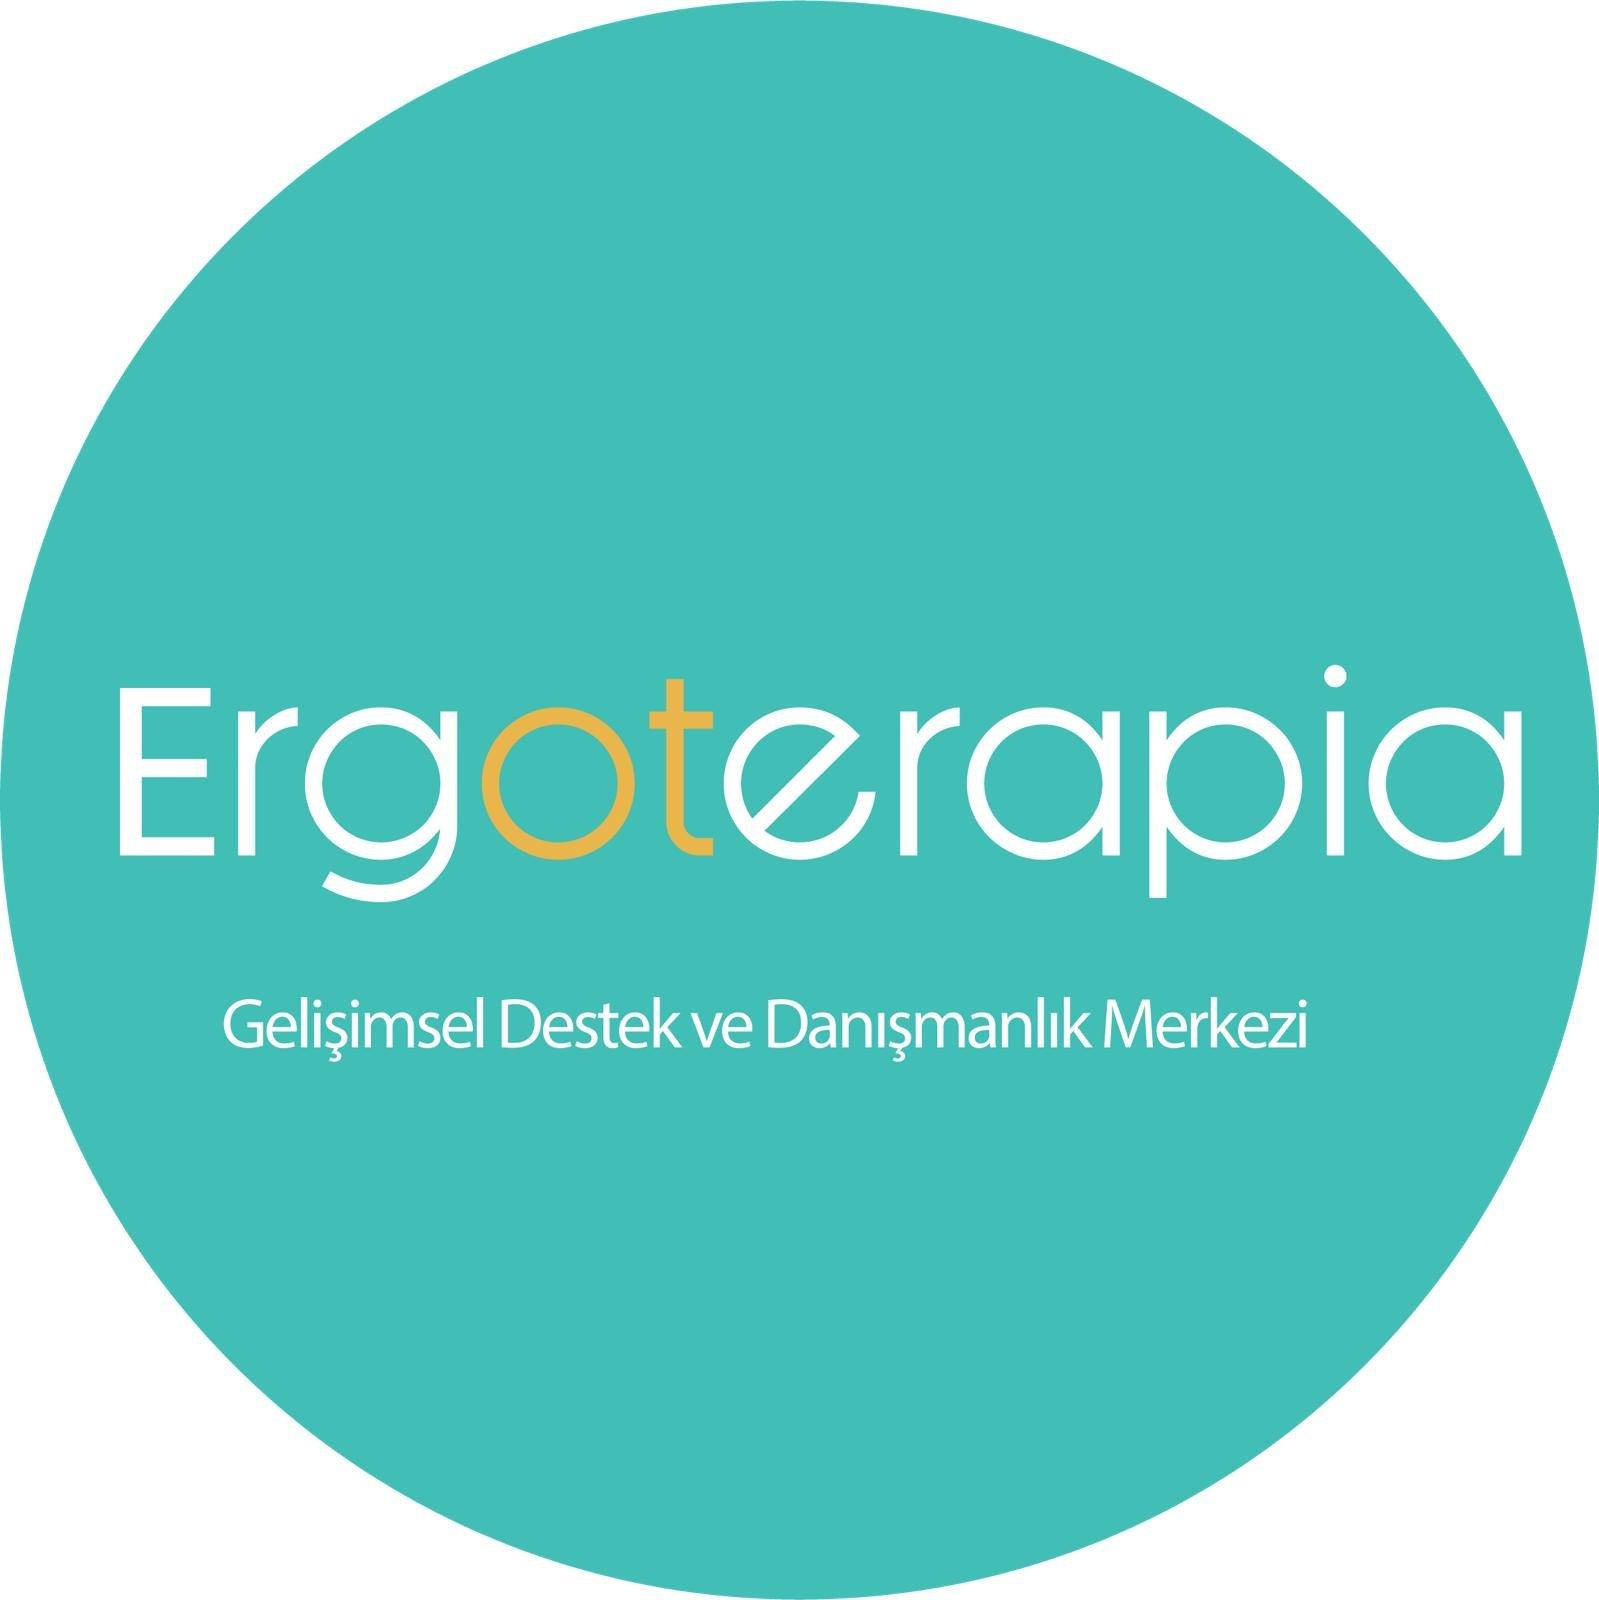 Ergoterapia Gelişimsel Destek ve Danışmanlık Merkezi